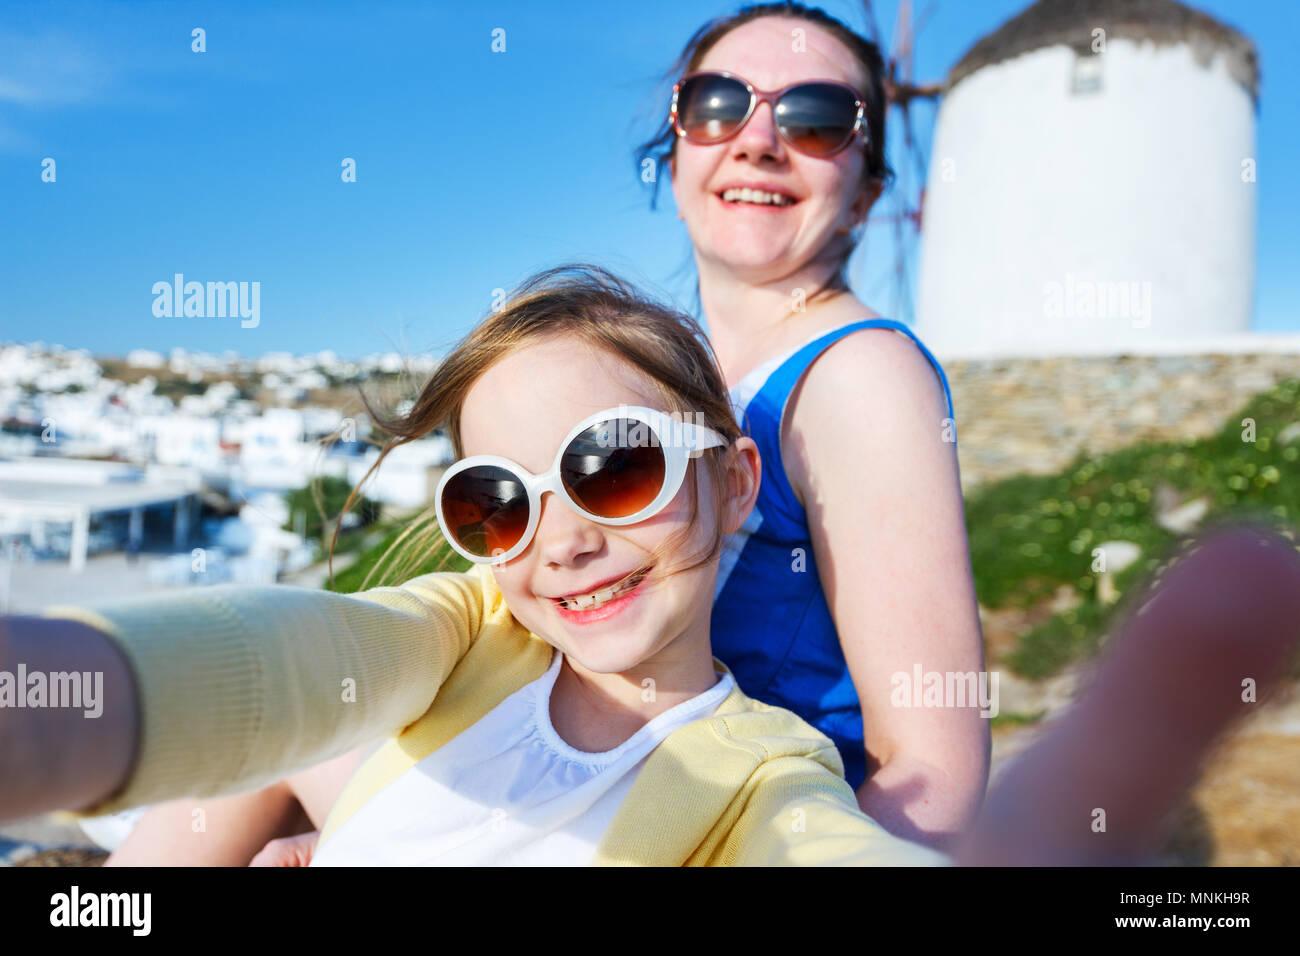 La famiglia felice la madre ed i suoi adorabili poco figlia in vacanza prendendo selfie a Little Venice area sull'isola di Mykonos, Grecia Immagini Stock